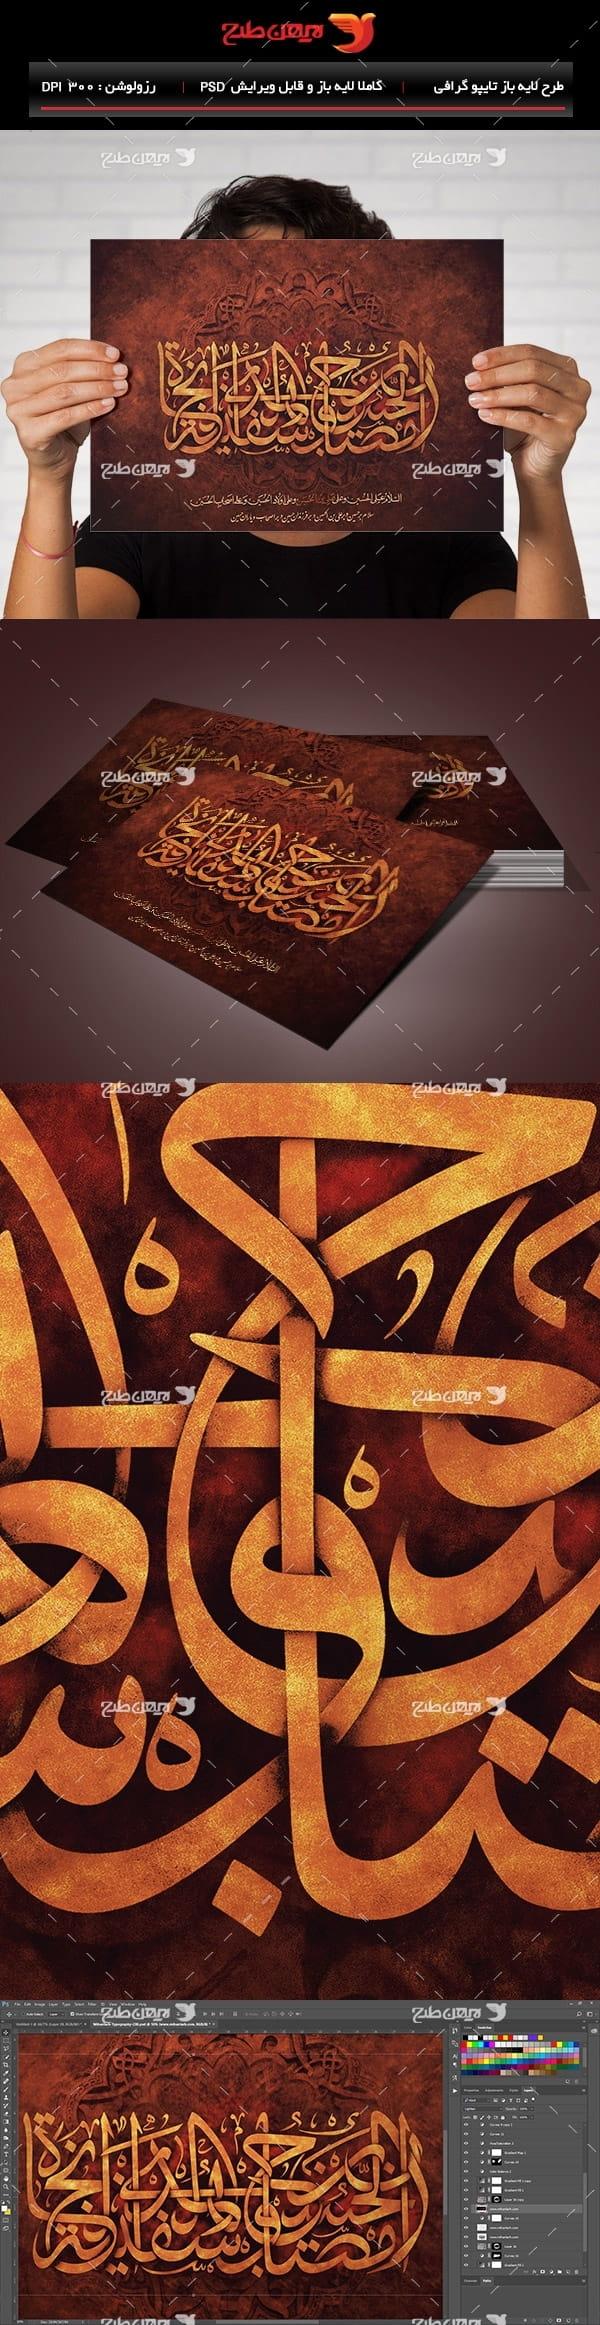 طرح لایه باز تایپوگرافی و خطاطی نام امام حسین (ع)